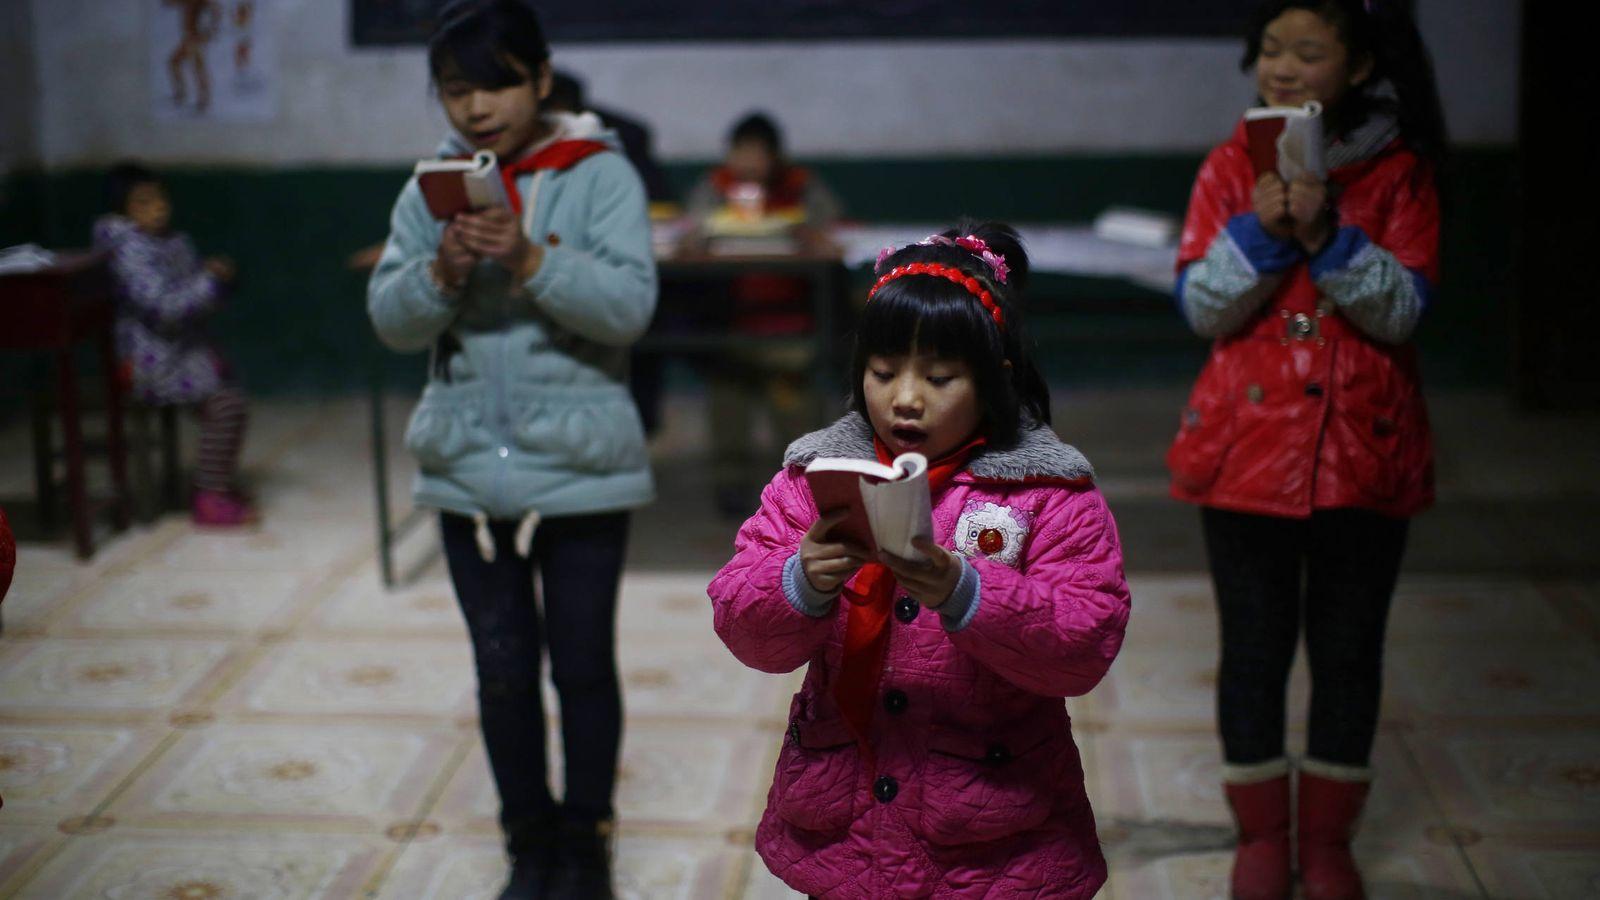 Foto: Estudiantes durante una lectura del Libro Rojo de Mao en una escuela de Sitong, en la provincia de Henan. (Reuters)